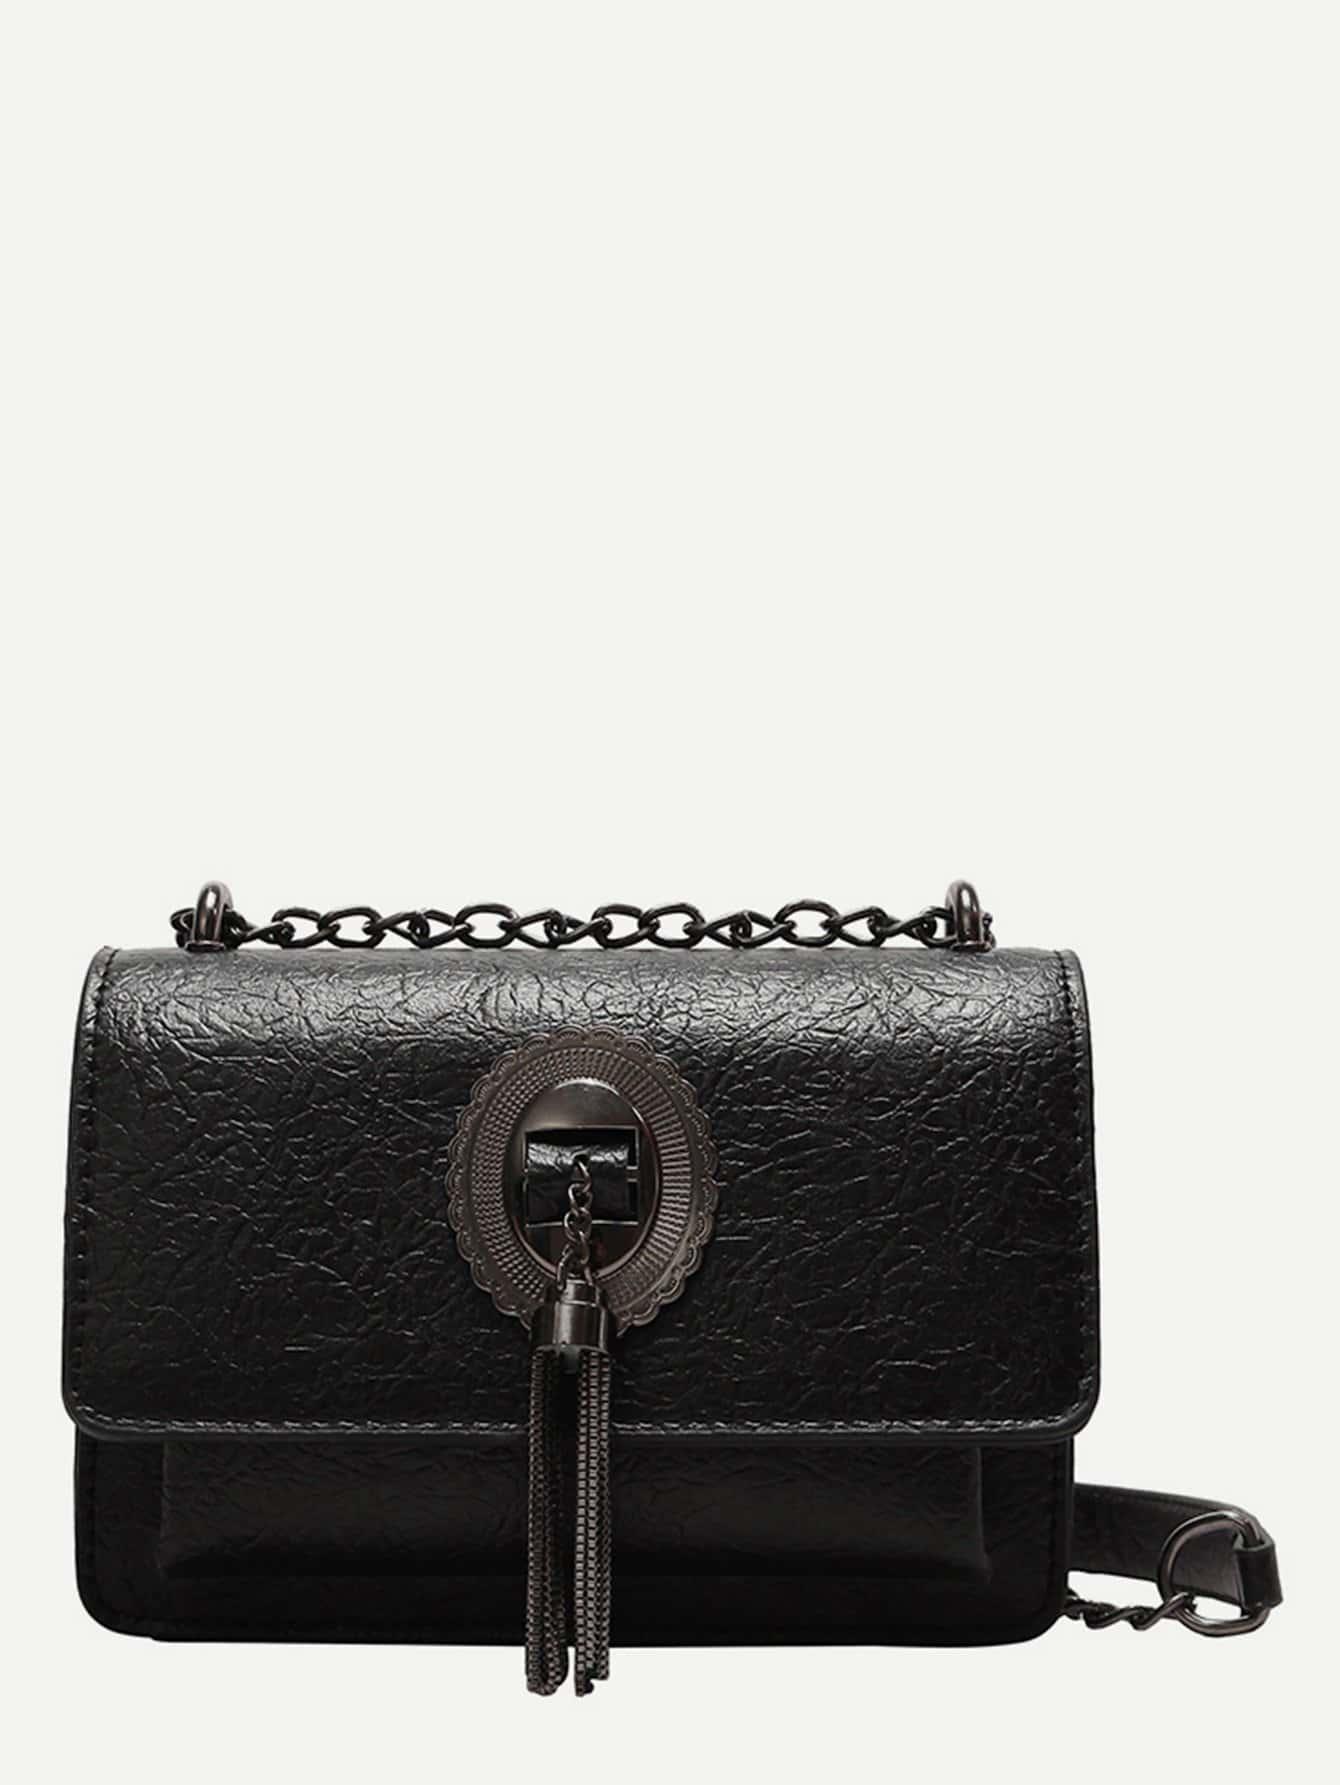 Tassel Detail Chain Bag tassel detail bucket bag